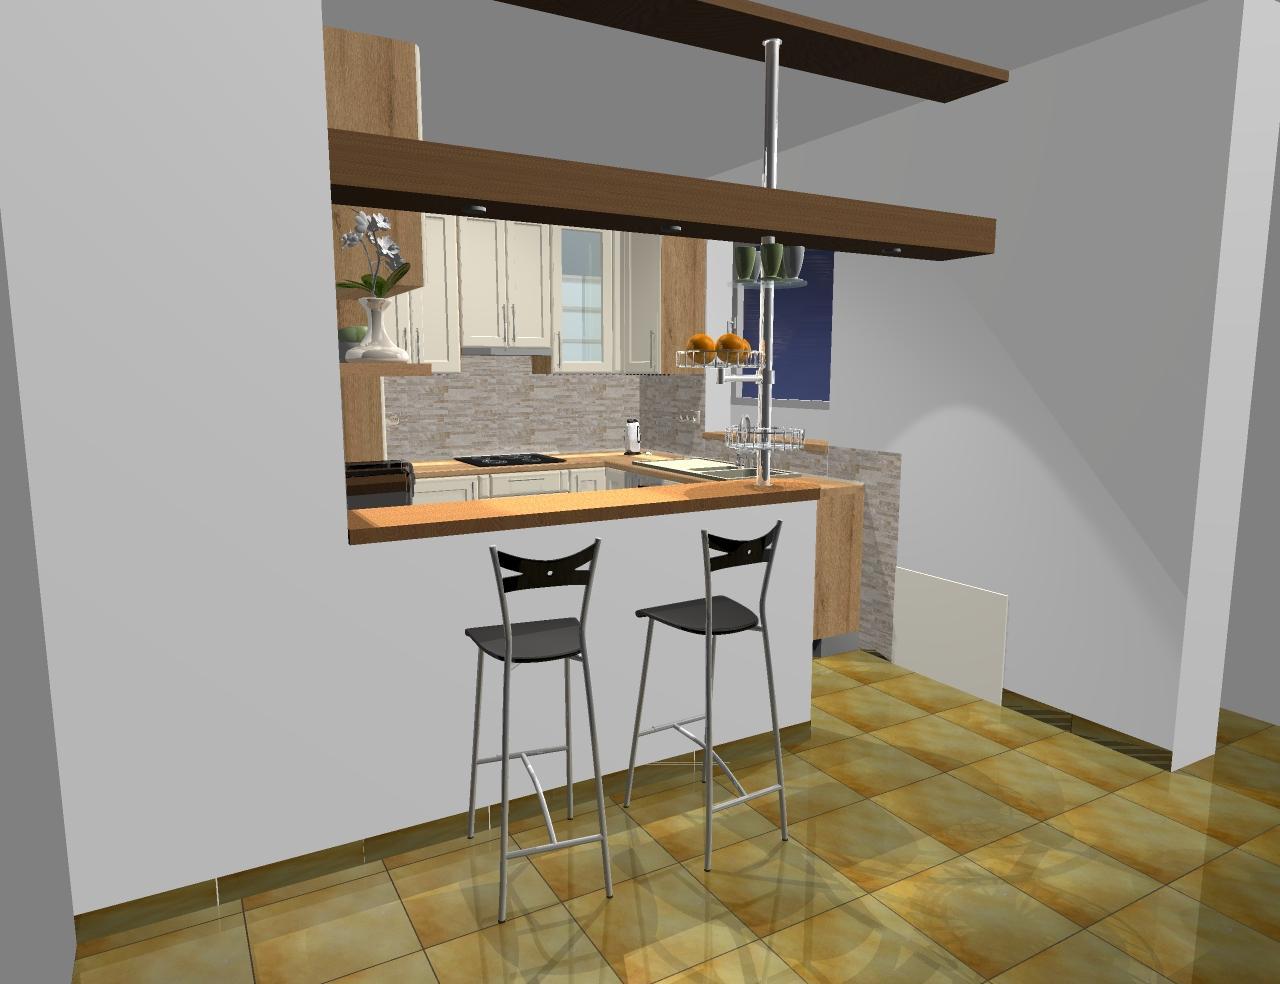 Grafické návrhy kuchynských liniek 2016 - Grafický návrh kuchynskej linky do rodinného domu - verzia 1- obr.3